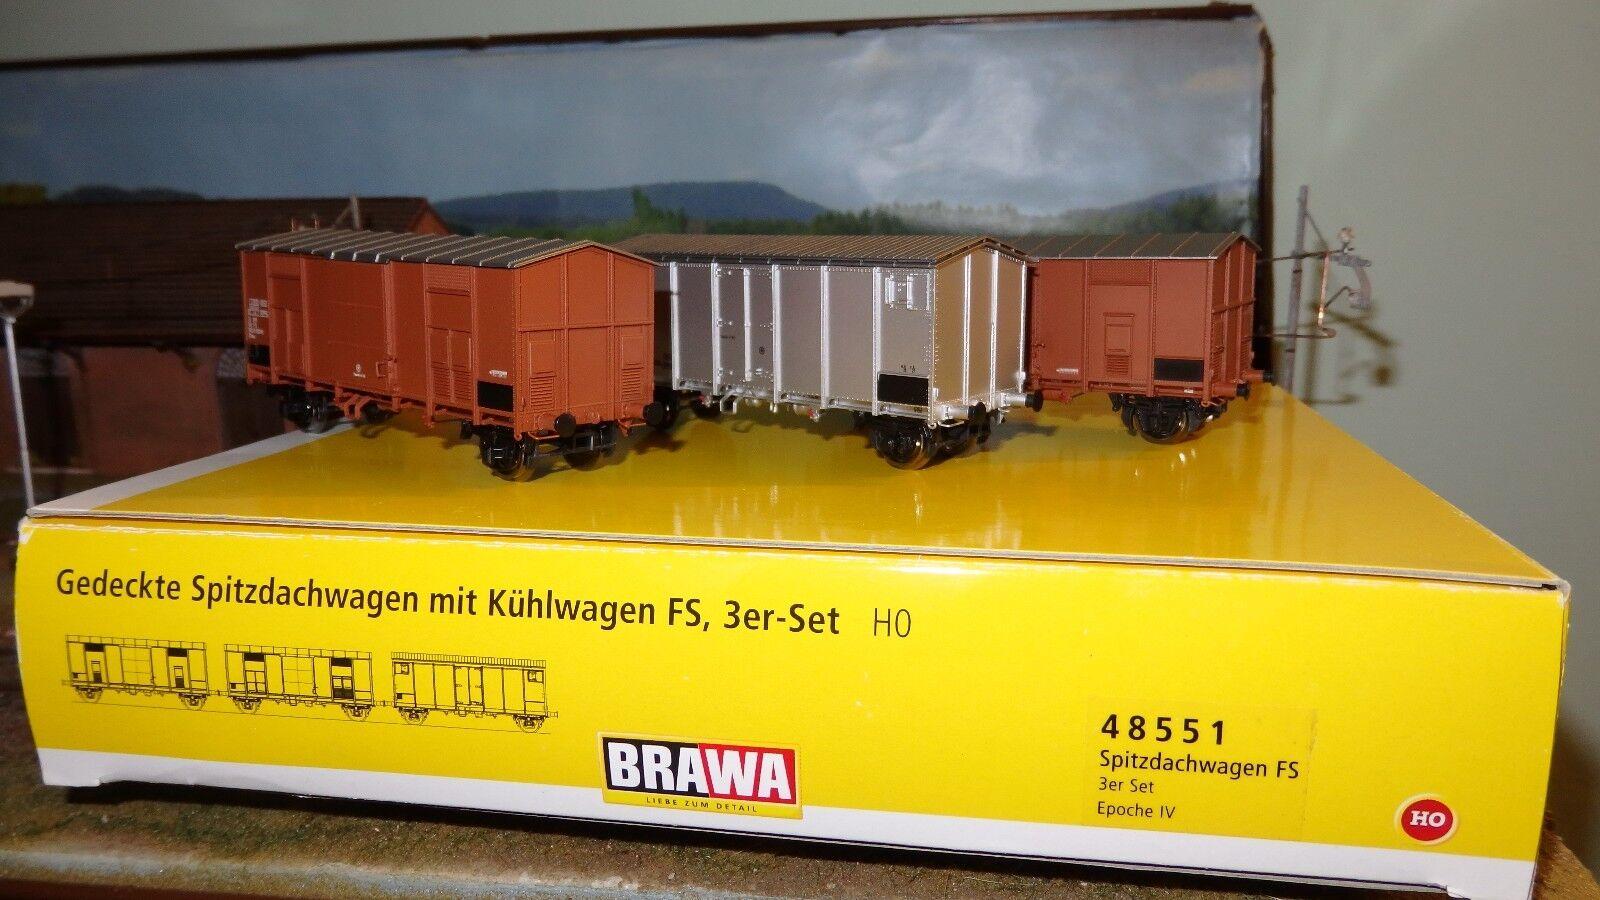 BRAWA 48551 Set 2 autori F aeratori doppi e singoli,  frigo Hg passo lungo, FS